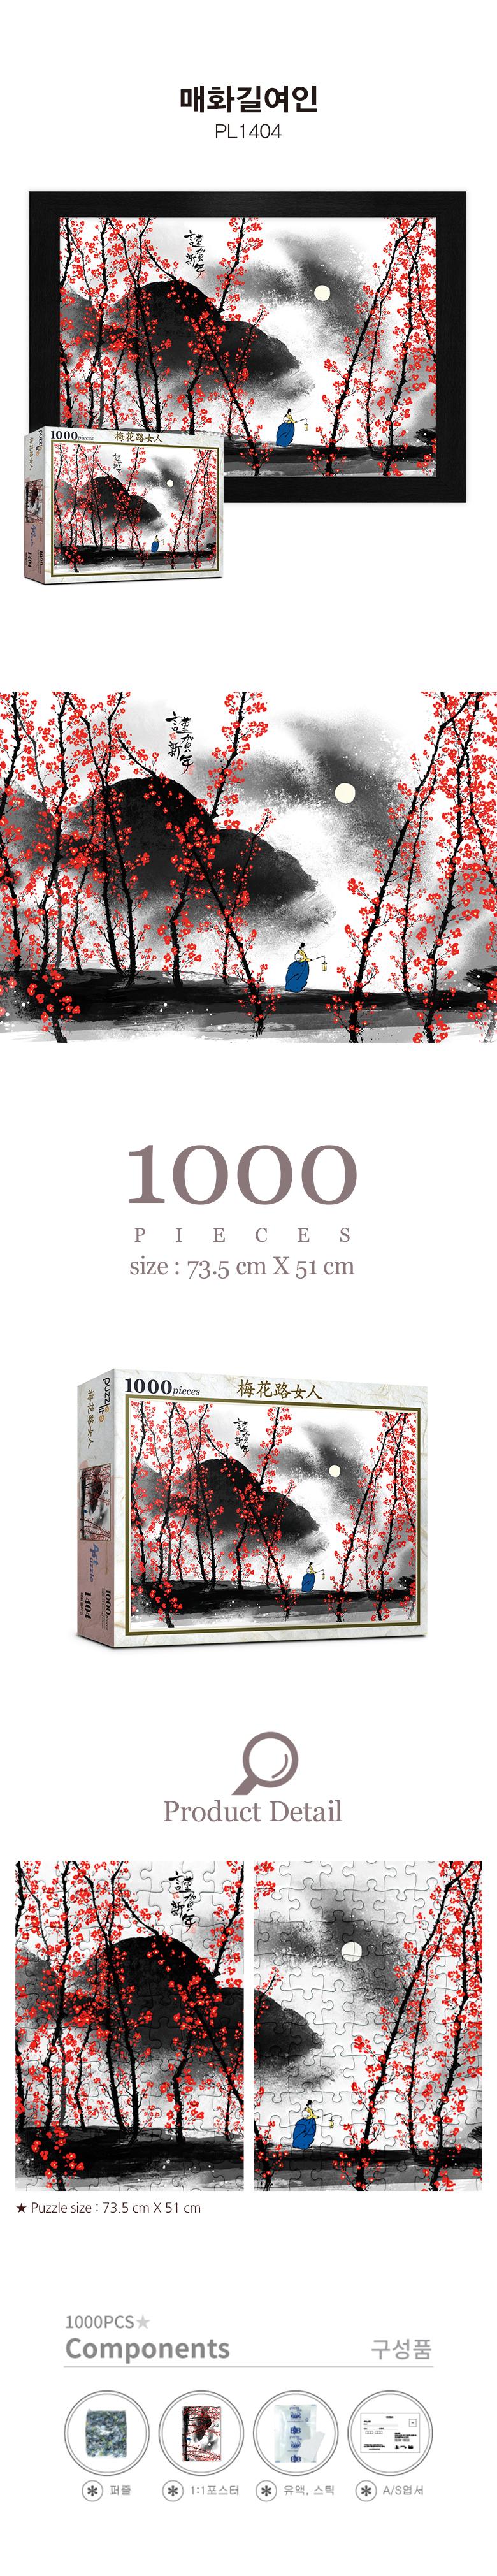 1000피스 매화길여인 직소퍼즐 PL1404 - 퍼즐라이프, 18,000원, 조각/퍼즐, 명화 직소퍼즐